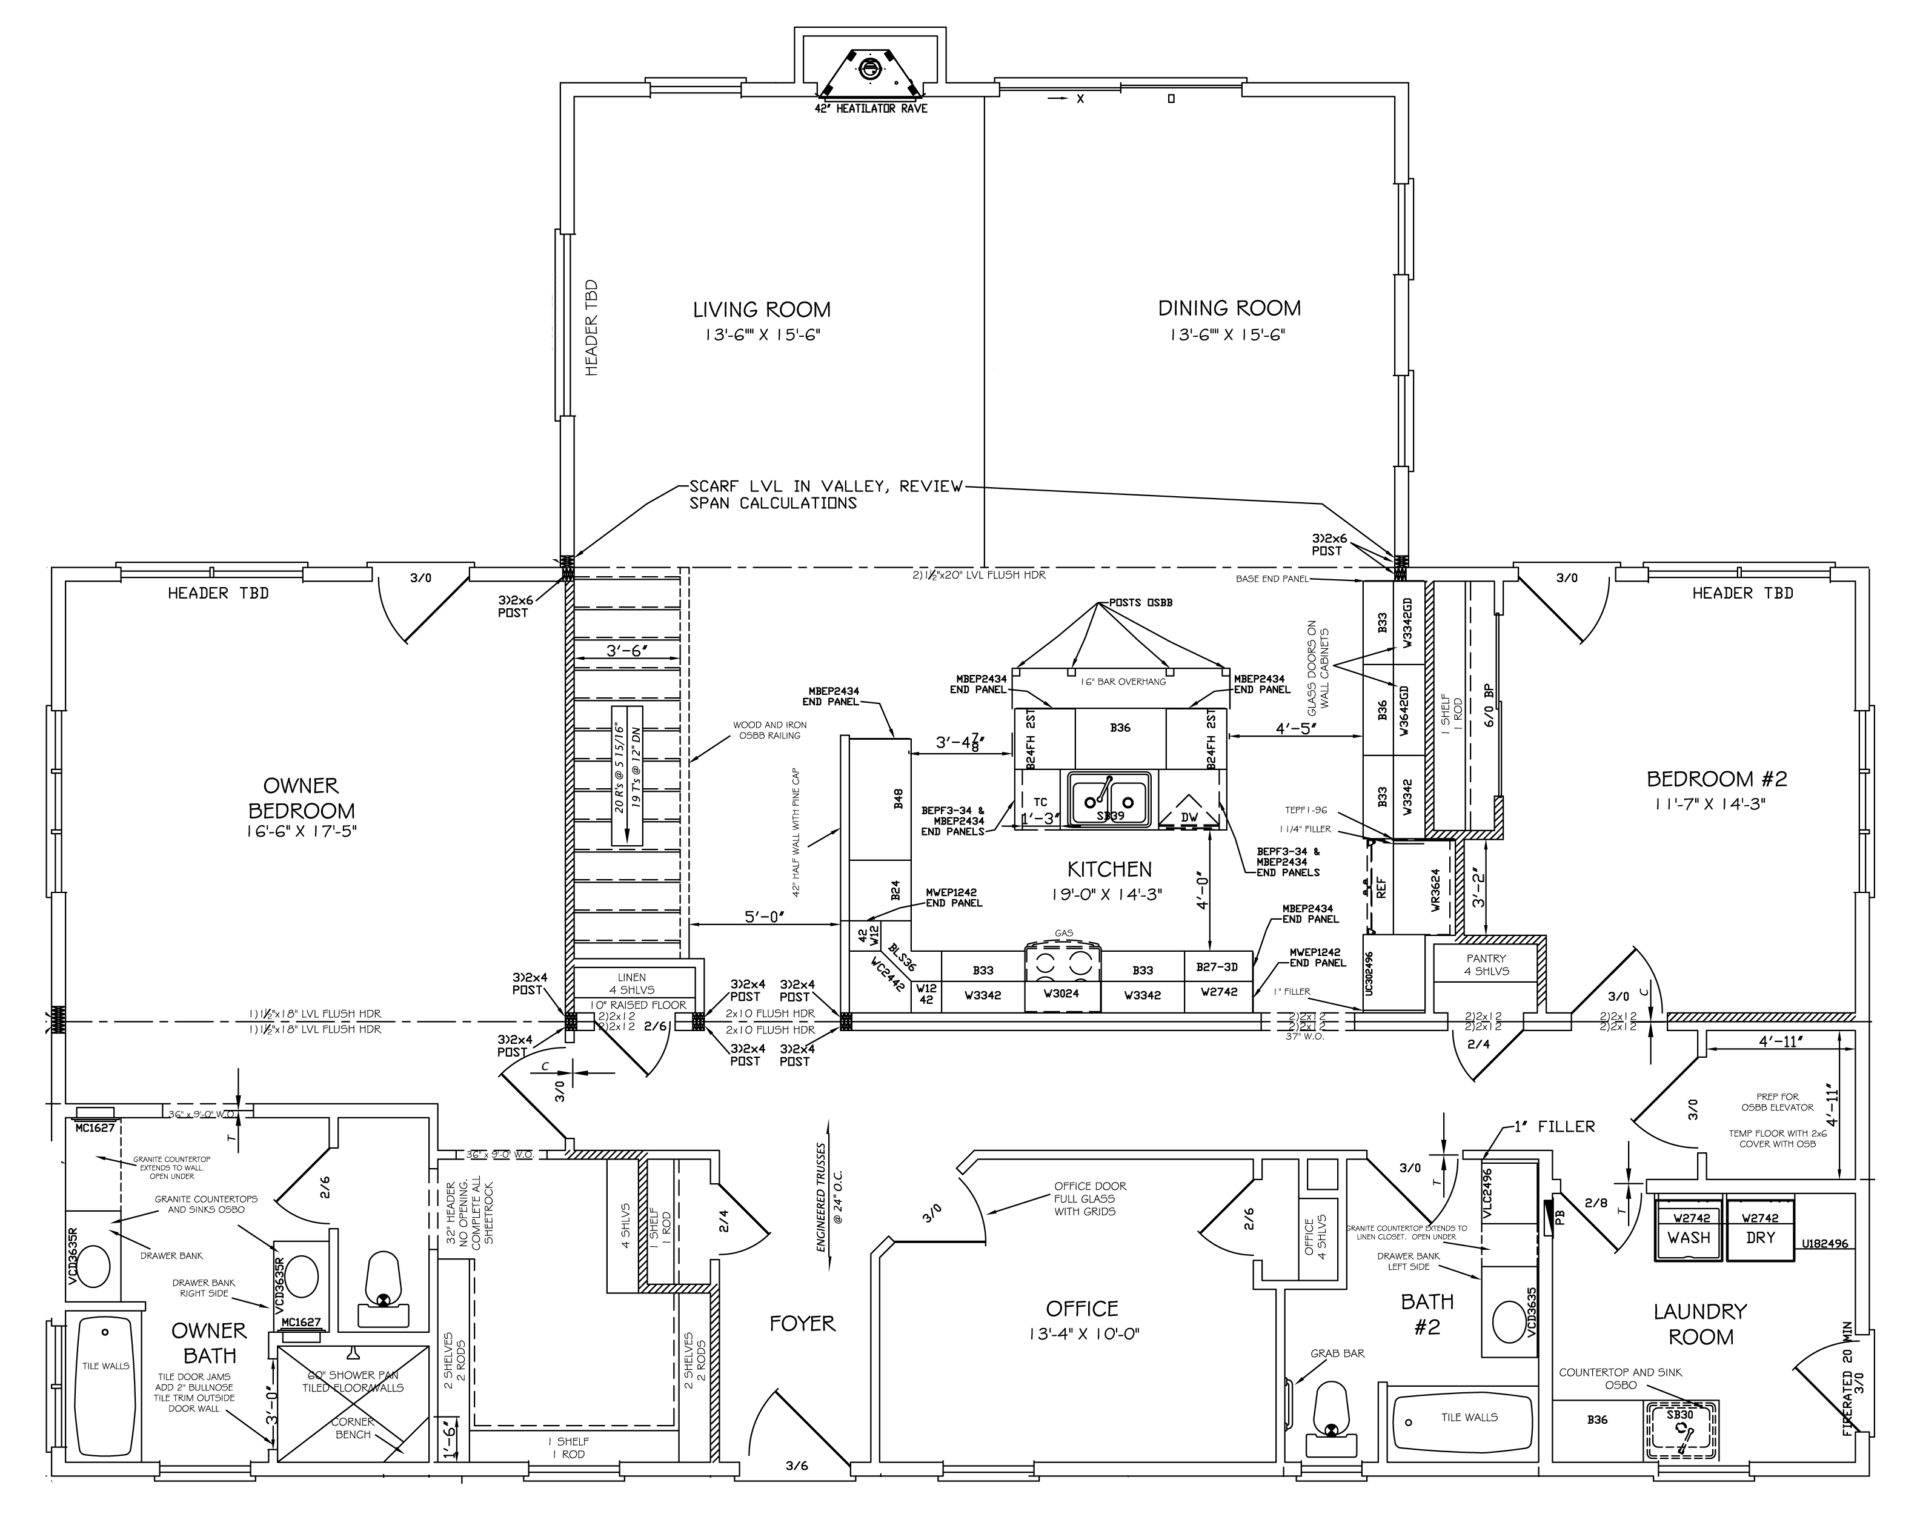 Ihli home castle rock co liscott custom homes ltd for Castle rock floor plans